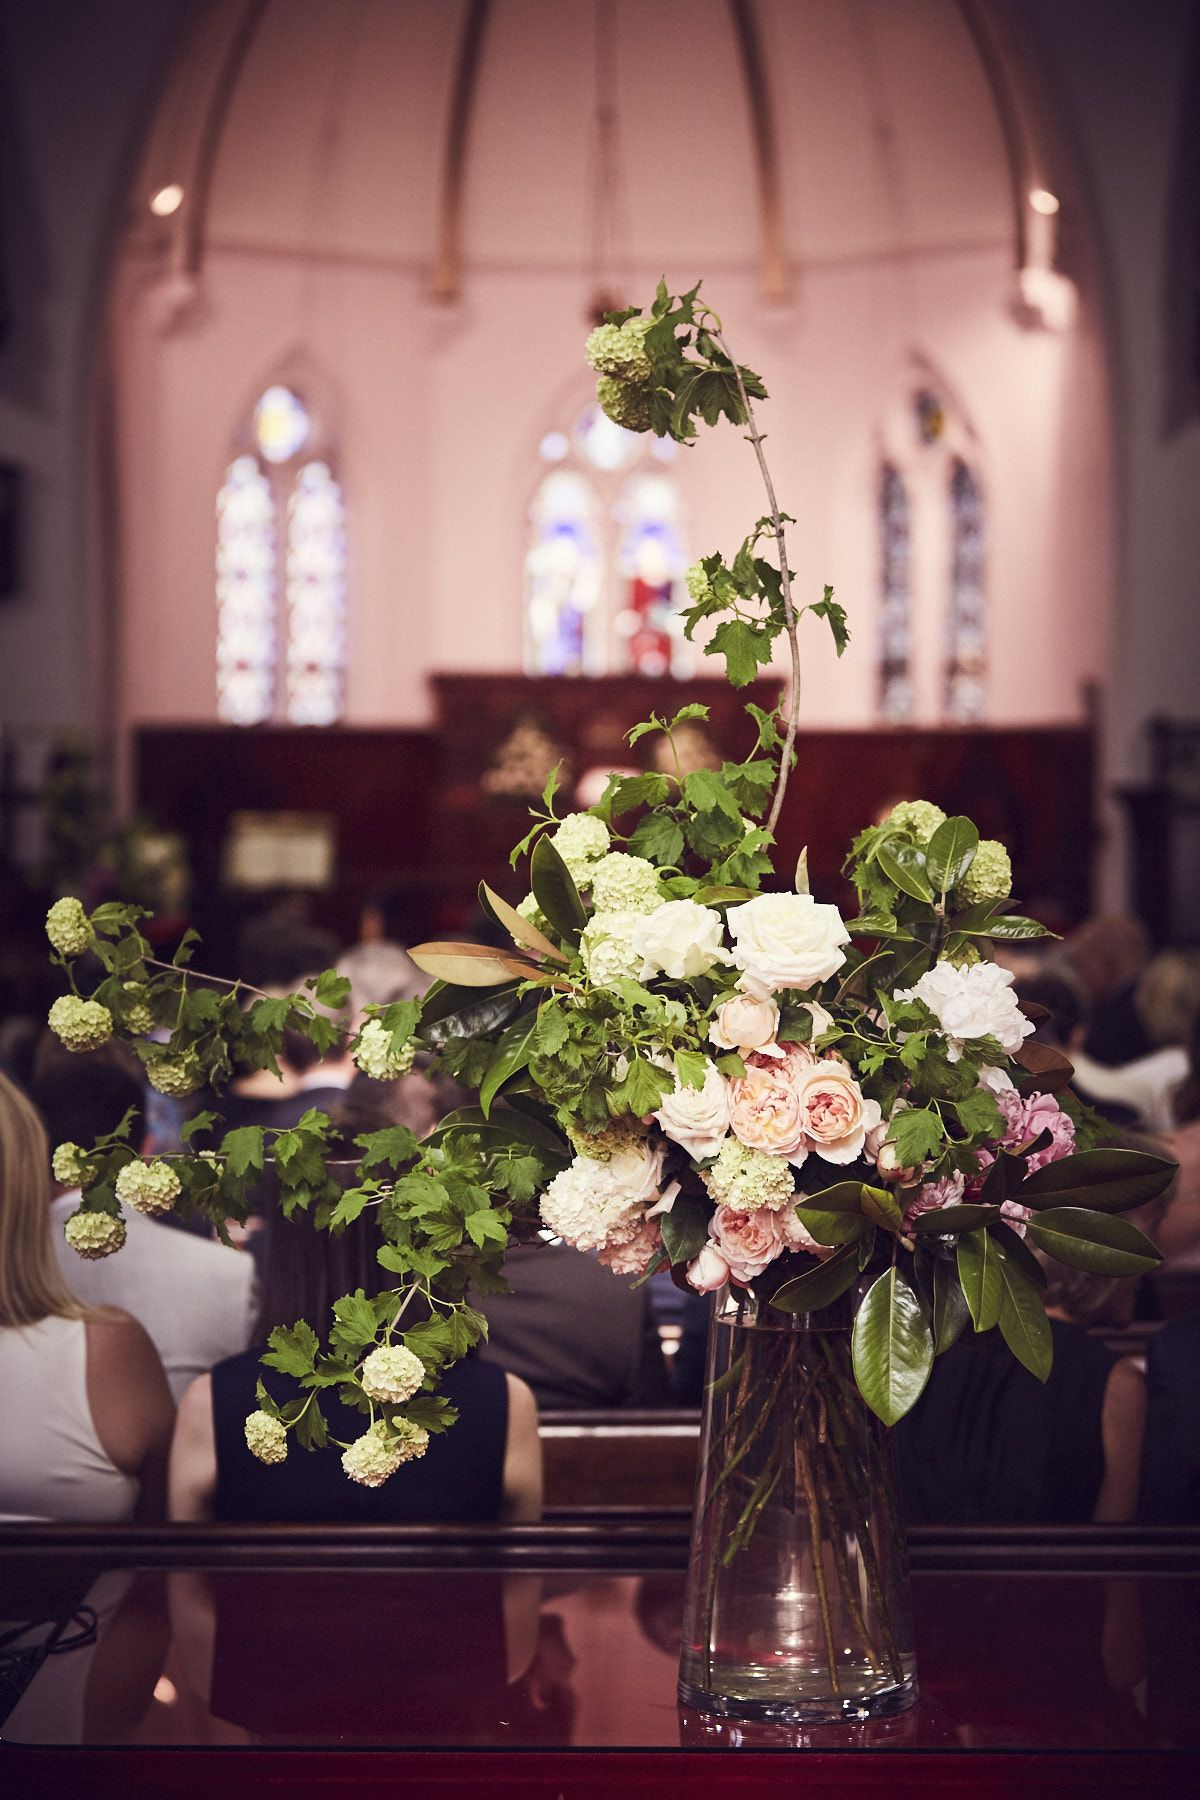 Large church arrangement by floreat floral www